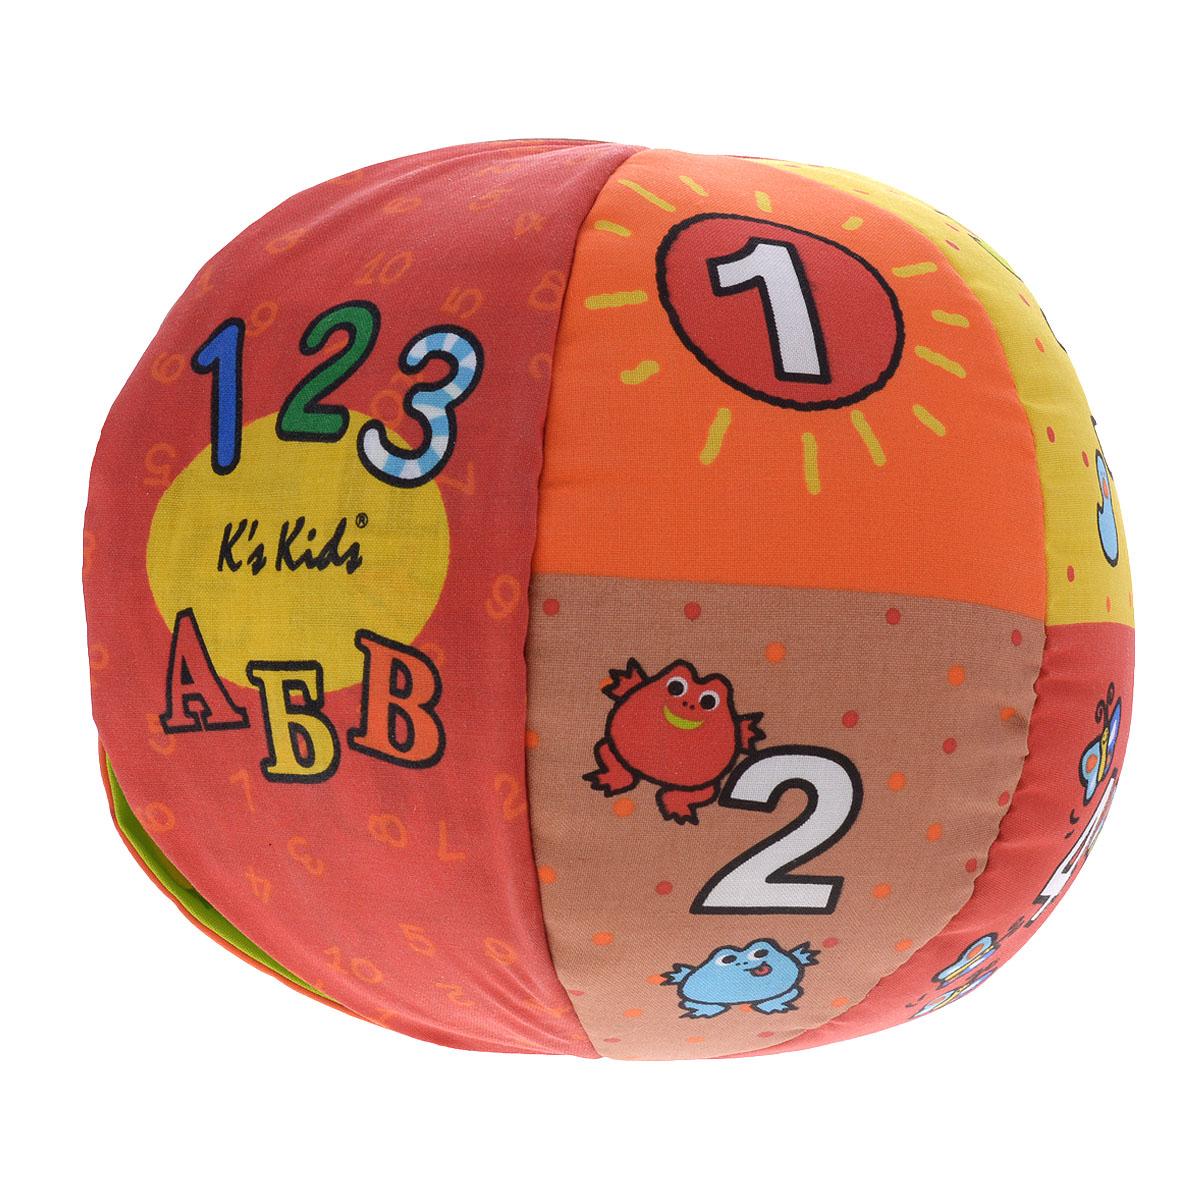 Обучающая игрушка Ks Kids Говорящий мячKA621Обучающая игрушка Ks Kids Говорящий мяч отлично подойдет для подвижных игр малышей, а также поможет детям получить необходимые знания в приятной и интересной игре. Мяч диаметром двадцать два сантиметра изготовлен из мягкого текстильного материала ярких цветов и оформлен буквами русского алфавита, цифрами и всевозможными картинками. Мячом можно перекидываться, его можно перекатывать по полу и просто играть в футбол. Игрушка работает в двух режимах: буквенном и цифровом. В первом режиме при каждом броске можно услышать буквы от А до Я, во втором же мяч считает до десяти. Каждая цифра проиллюстрована таким же числом определенных фигур, например, возле цифры один нарисовано одно солнце. Мяч в общей сложности издает двадцать пять звуков, в том числе песенки и разные фразы. Если игрушка загрязнилась, ее можно постирать, при этом вытащив электроприбор. Игрушка Ks Kids Говорящий мяч способствует совершенствованию тактильной чувствительности, ловкости,...